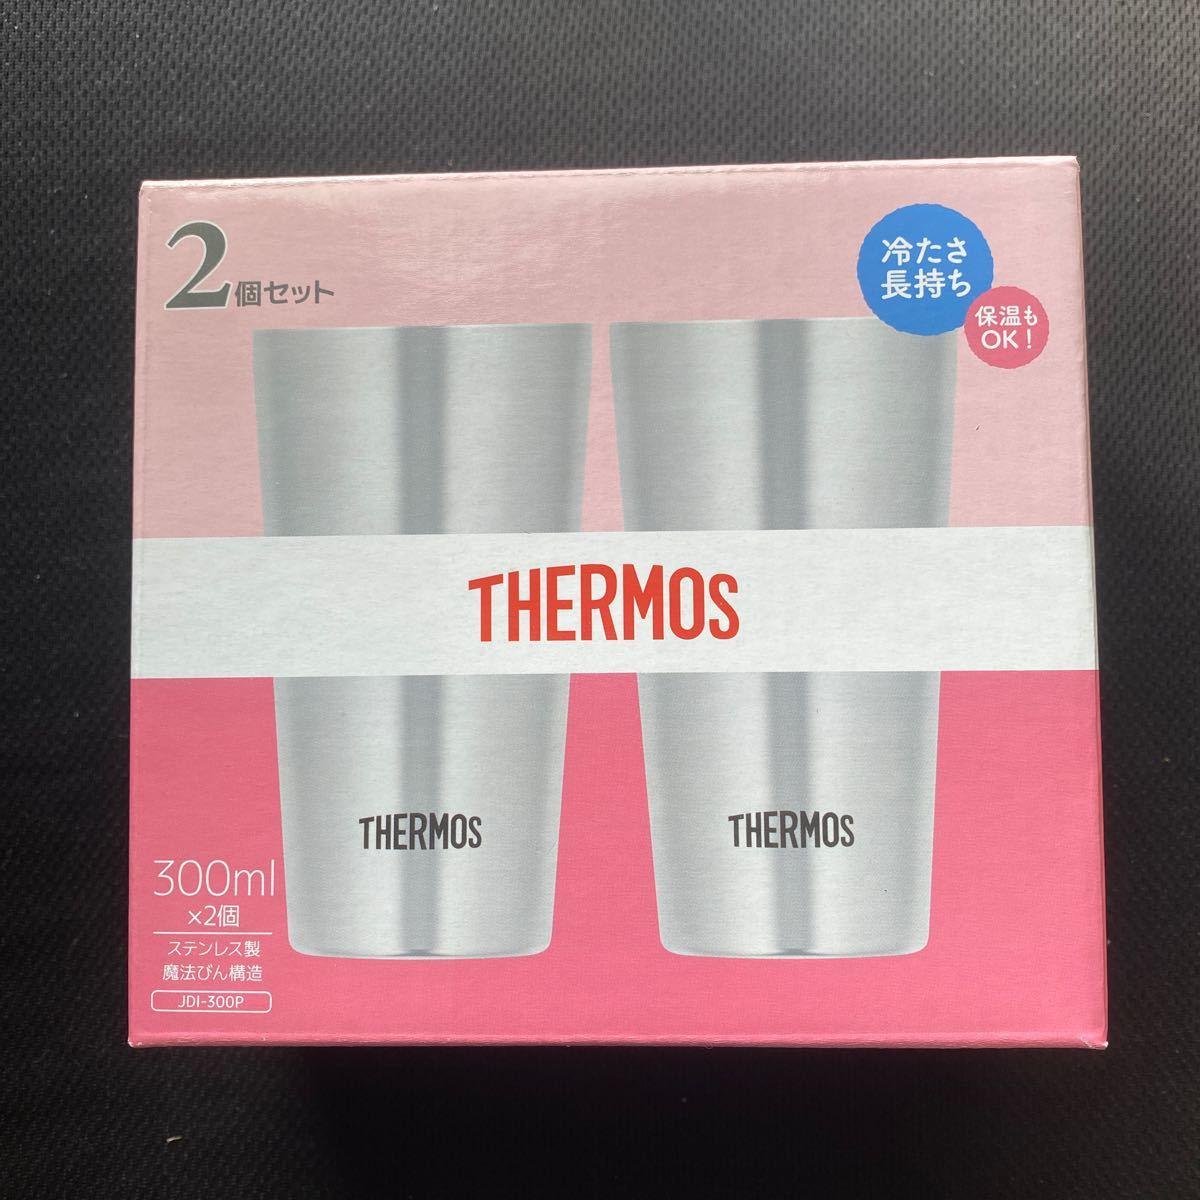 サーモス真空断熱タンブラー サーモス 真空断熱タンブラー 300ml 2個セット